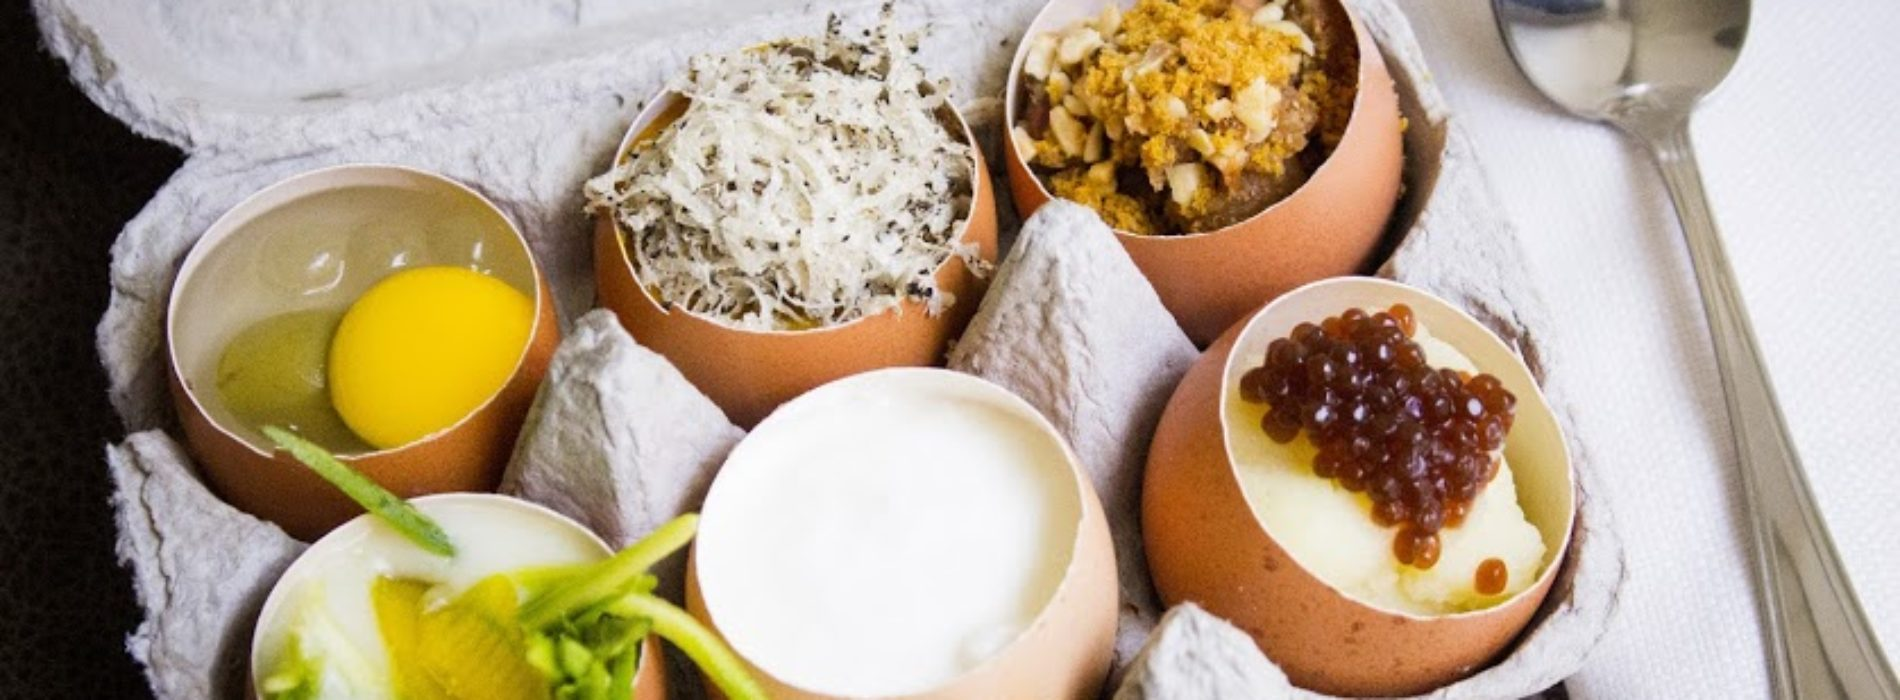 New restaurant openings in Rome June 2018, Trastevere's comeback with Zia, Eggs, Peppo al Cosimato and Otaleg